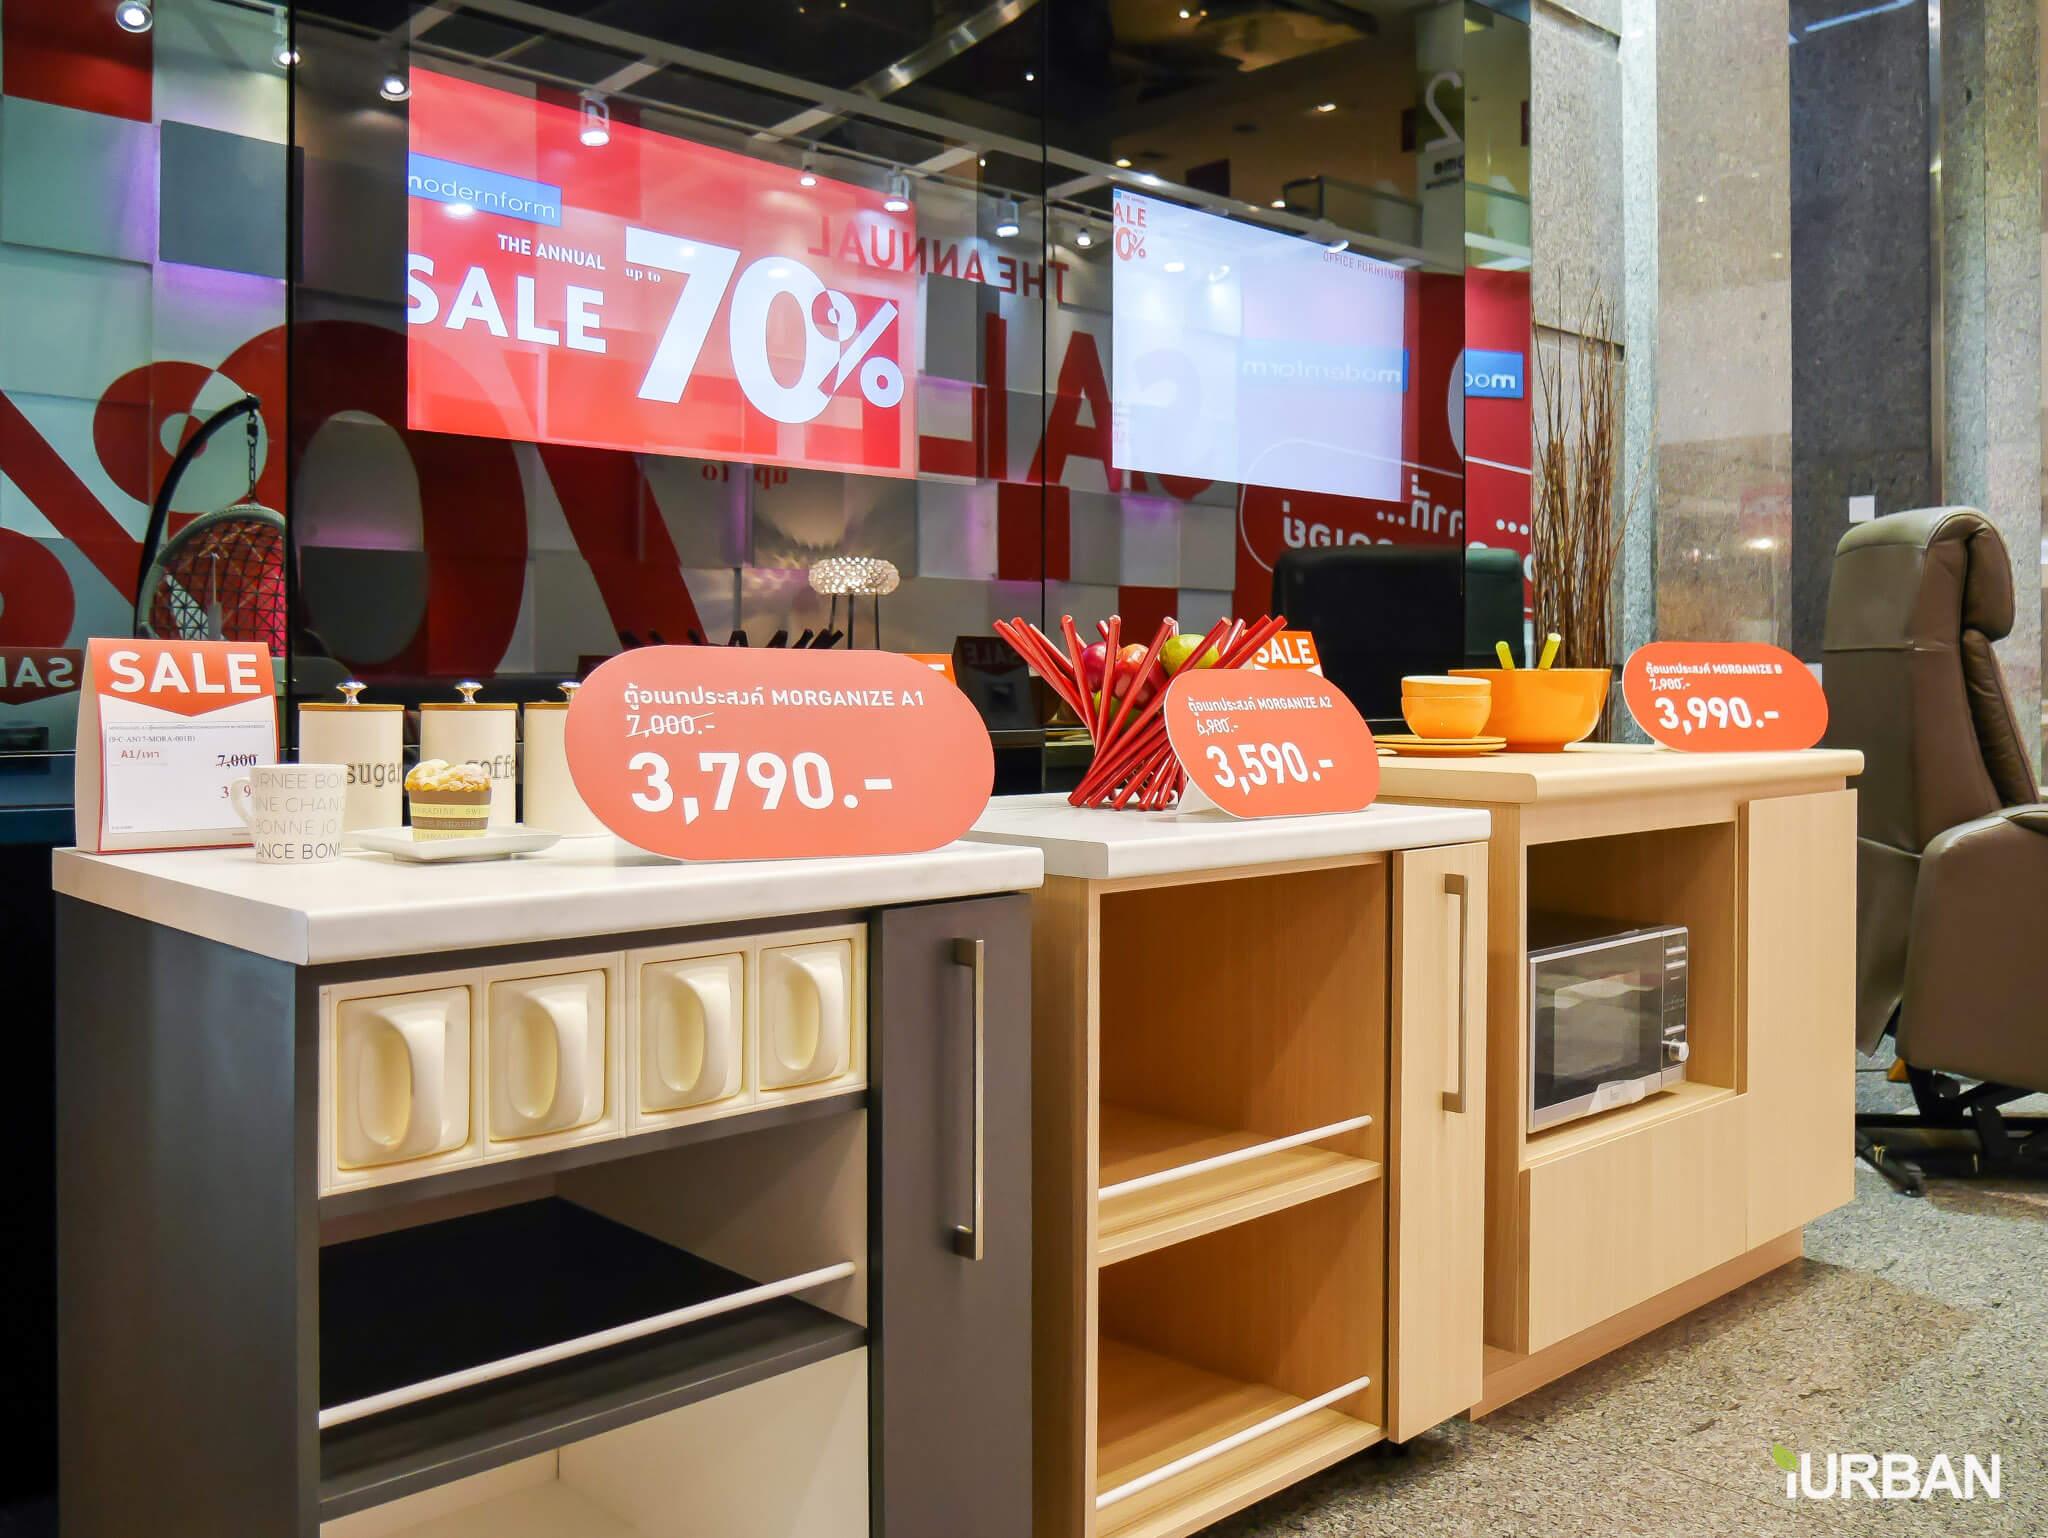 Modernform The Annual Sale 2017 ลด 70%!! 10 วันเท่านั้น 26 พ.ค. – 4 มิ.ย. ของใหม่ ของดี ไม่ทันปีนี้ รออีกทีปีหน้า 25 - Modernform (โมเดอร์นฟอร์ม)